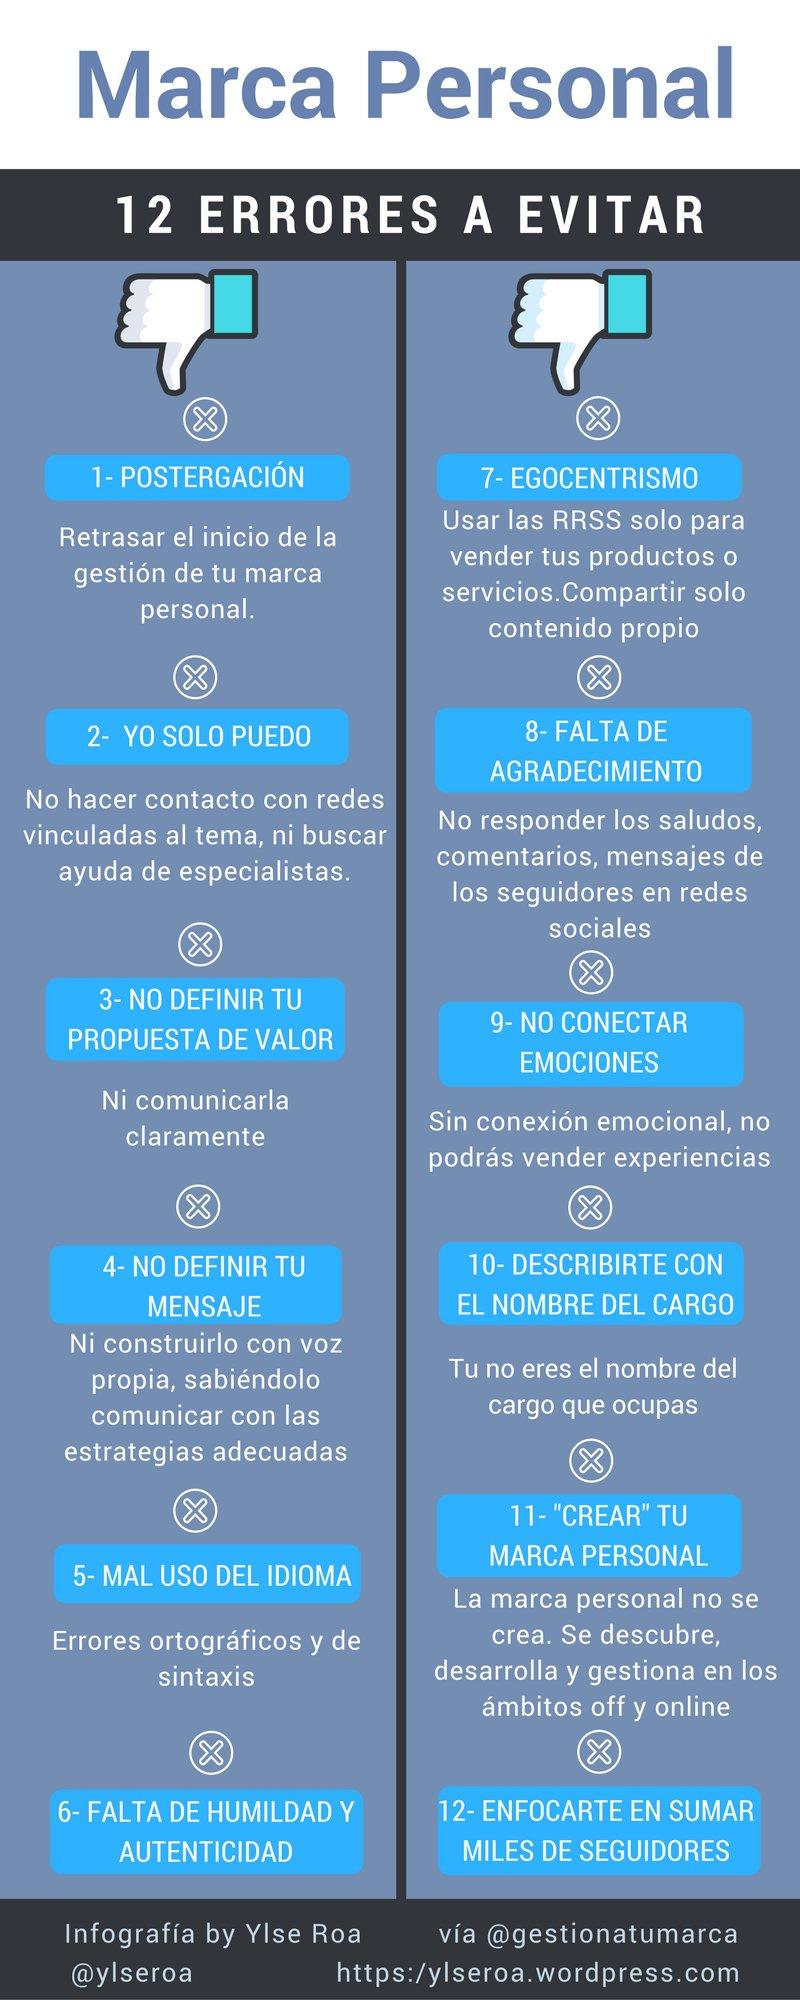 infografia-12-errores-evitar-mientras-gestionas-marca-personal